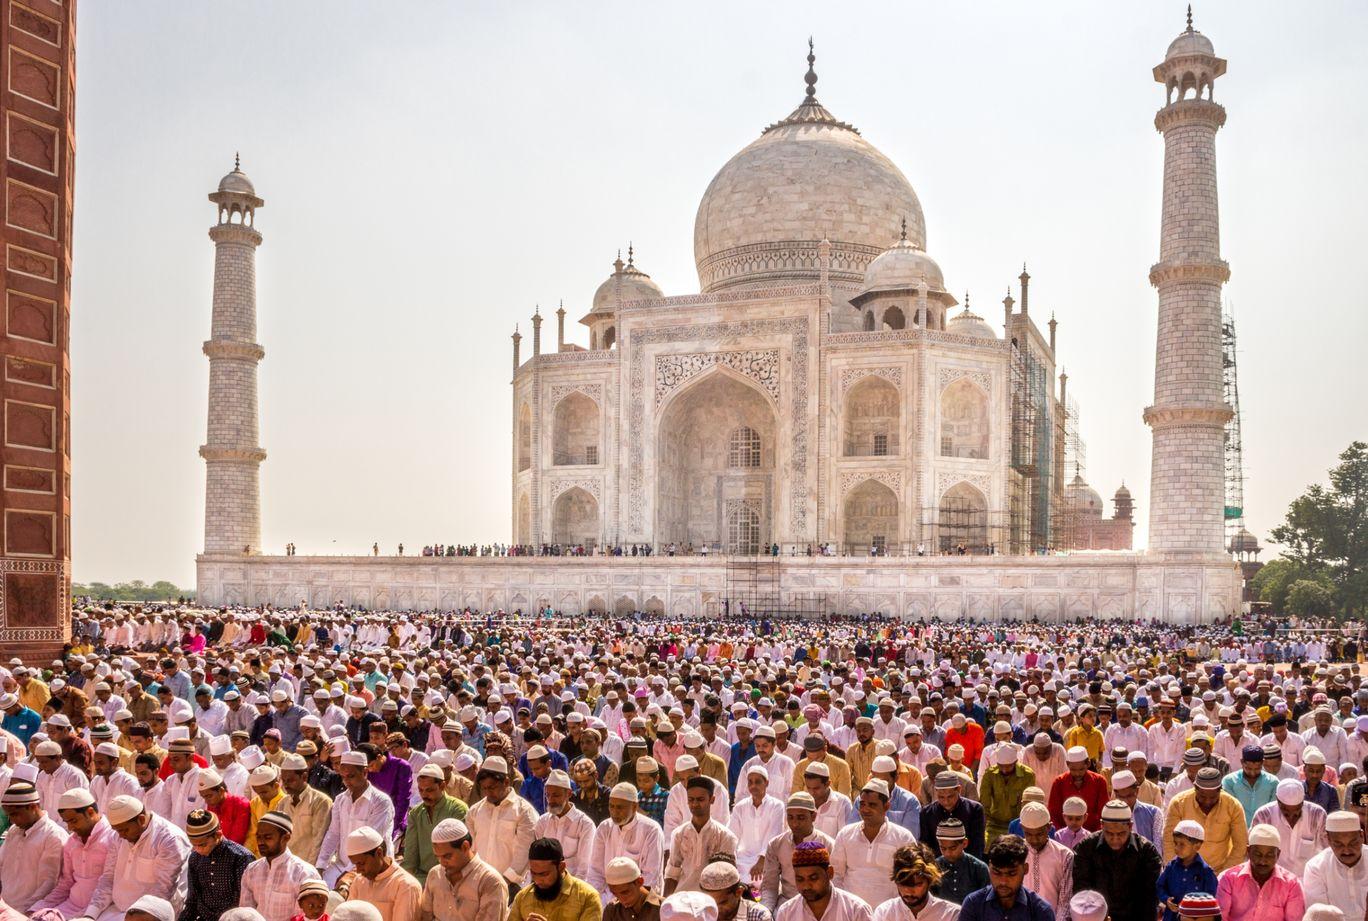 Photo of Taj Mahal By Saurabh Gangil